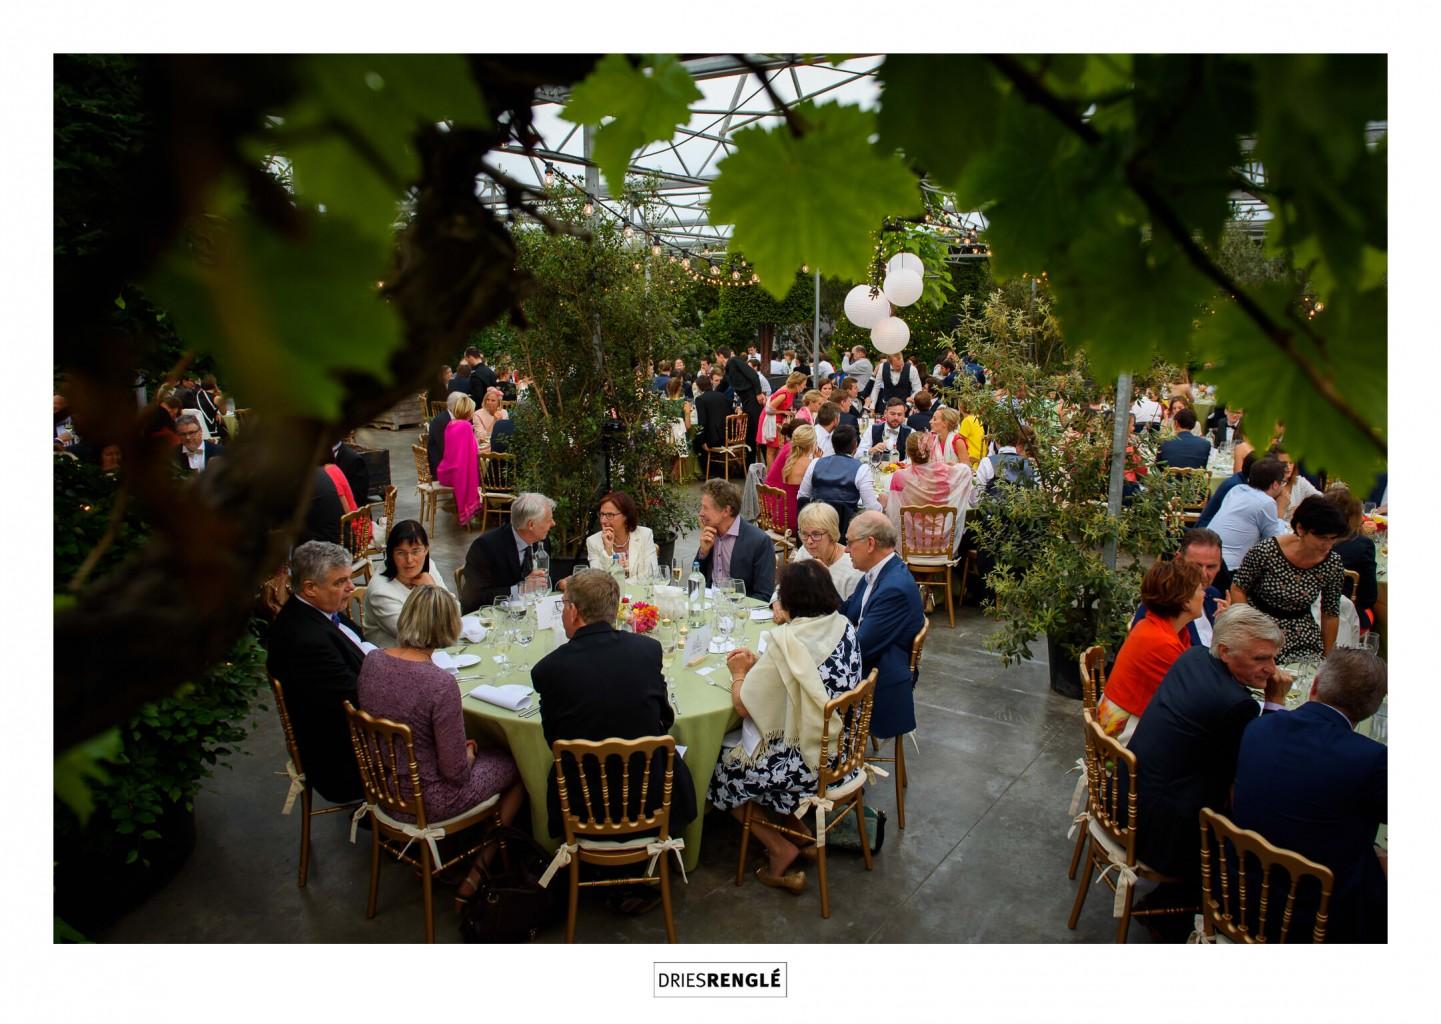 007-jef-cools-feestzaal-huwelijksfotograaf-dries-rengle